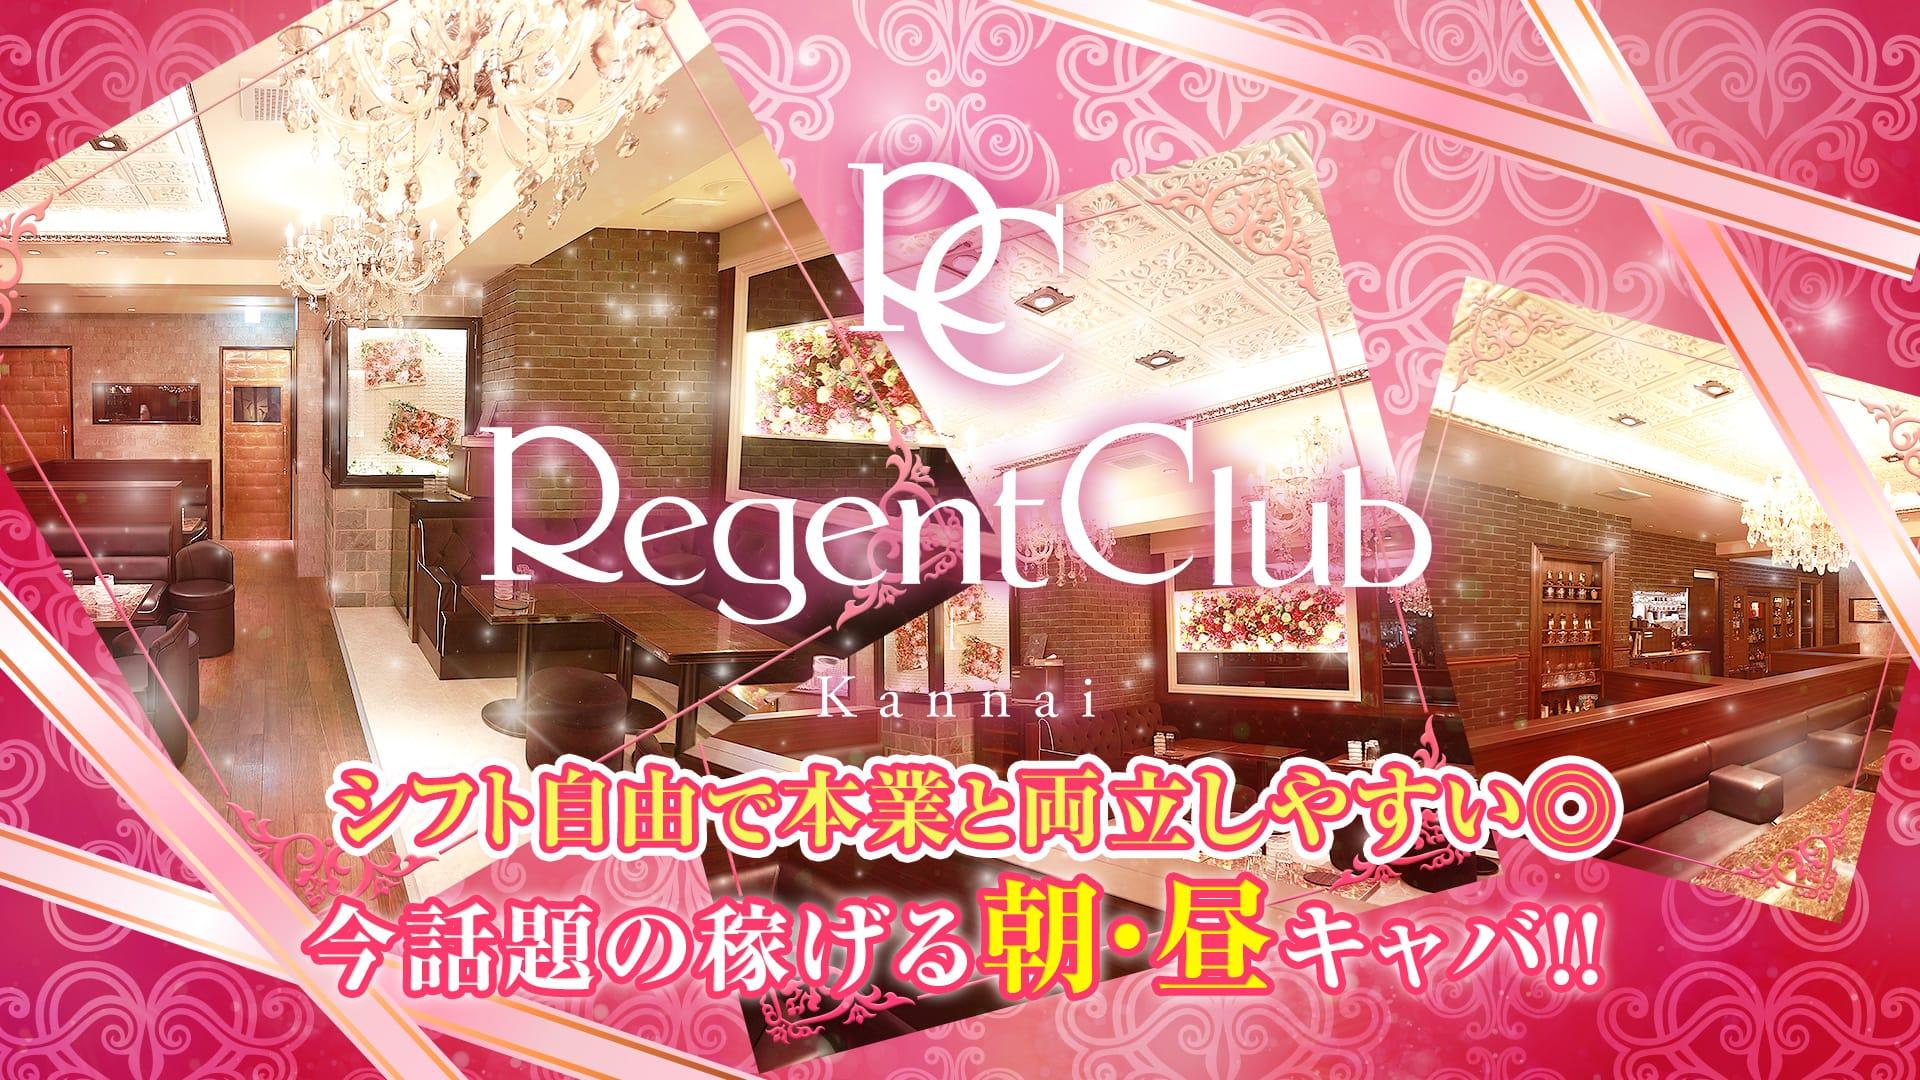 【朝・昼】Regent Club Kannai ~リージェントクラブカンナイ~ 関内昼キャバ・朝キャバ TOP画像